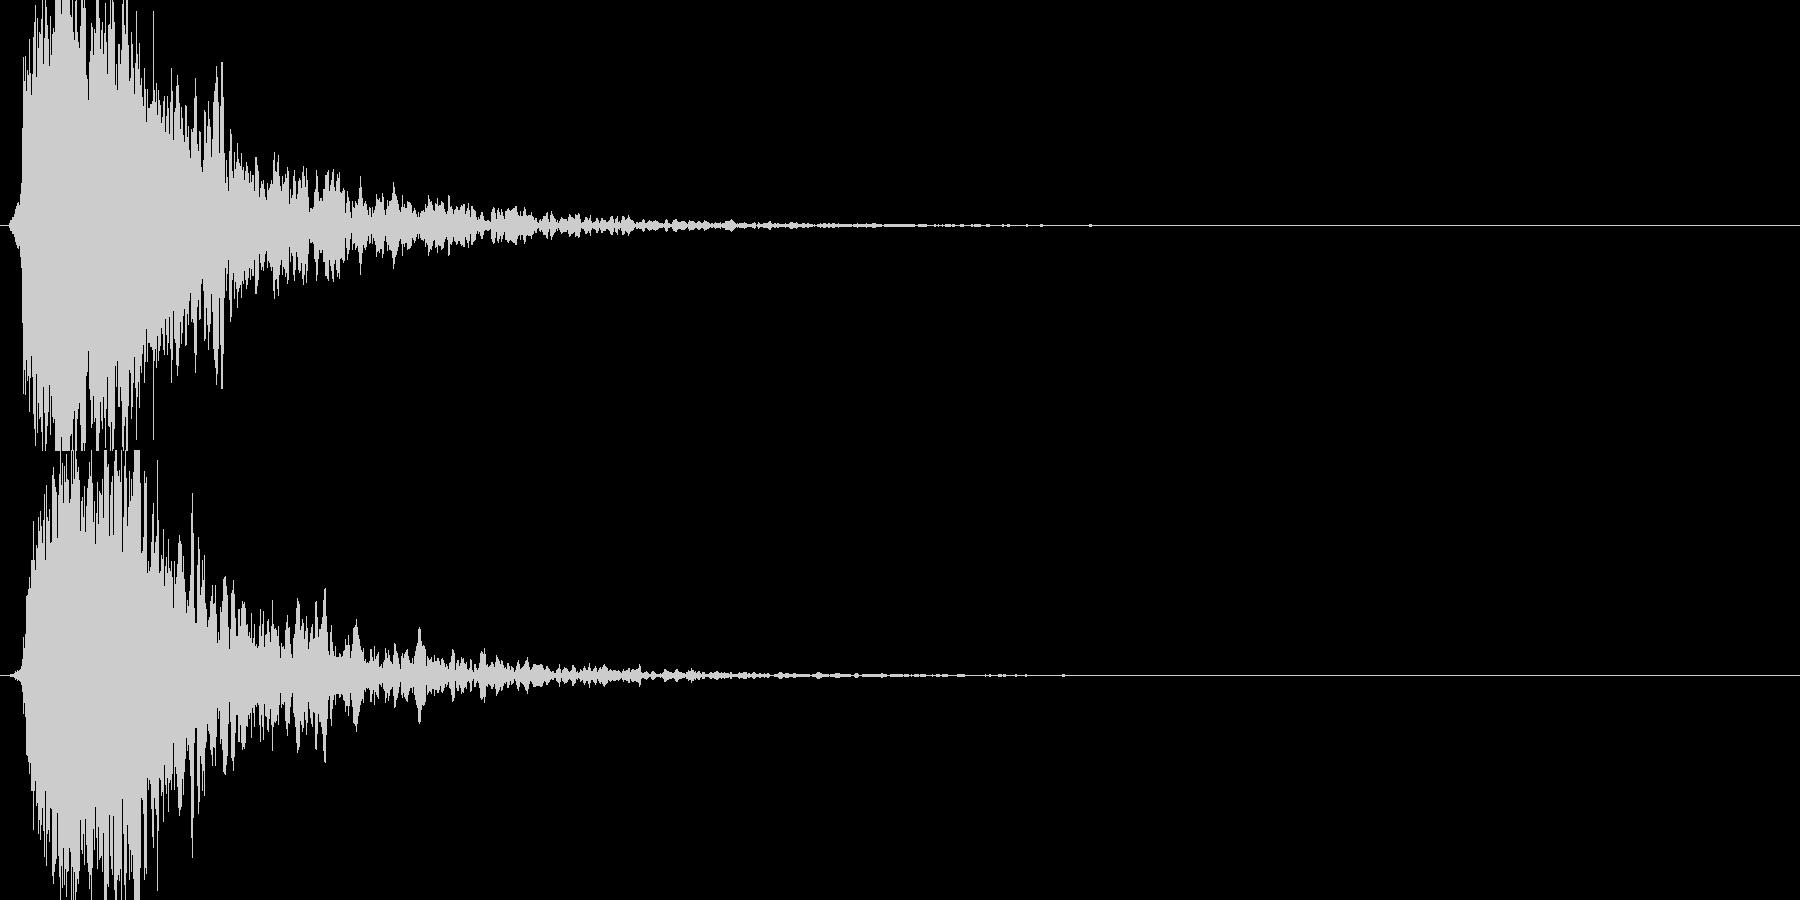 シャキーン!ド派手なインパクト効果音1Vの未再生の波形